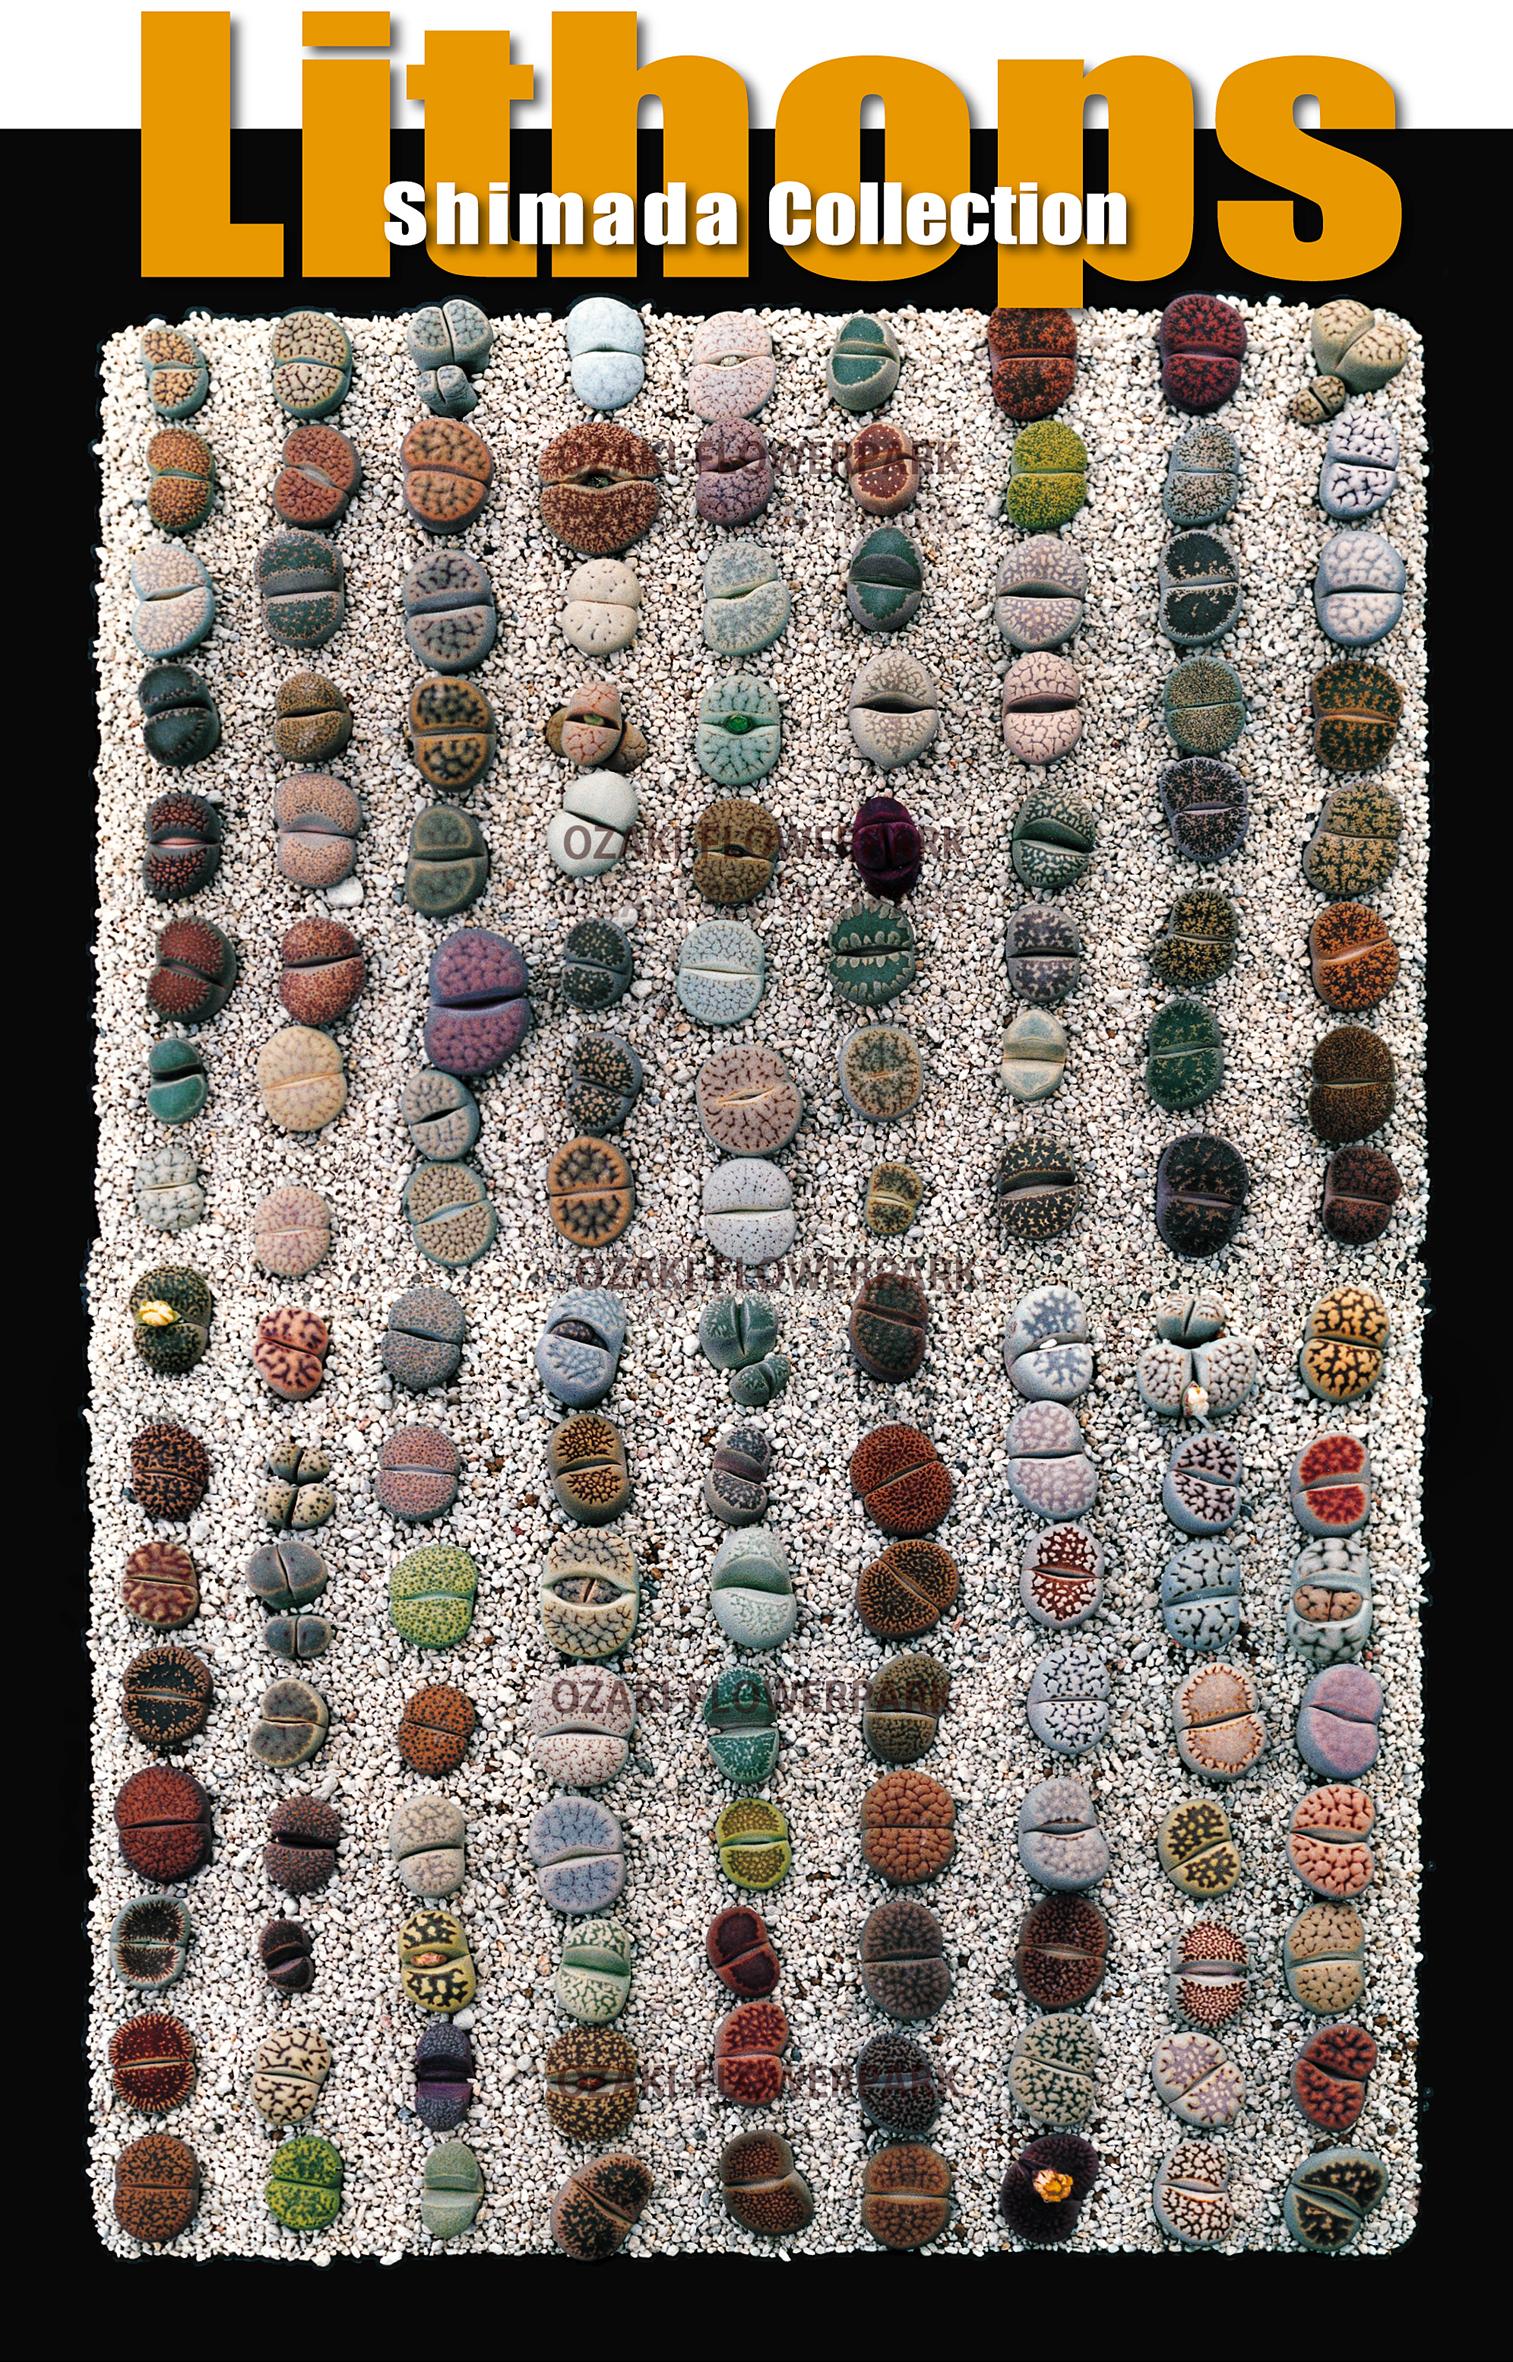 島田コレクション